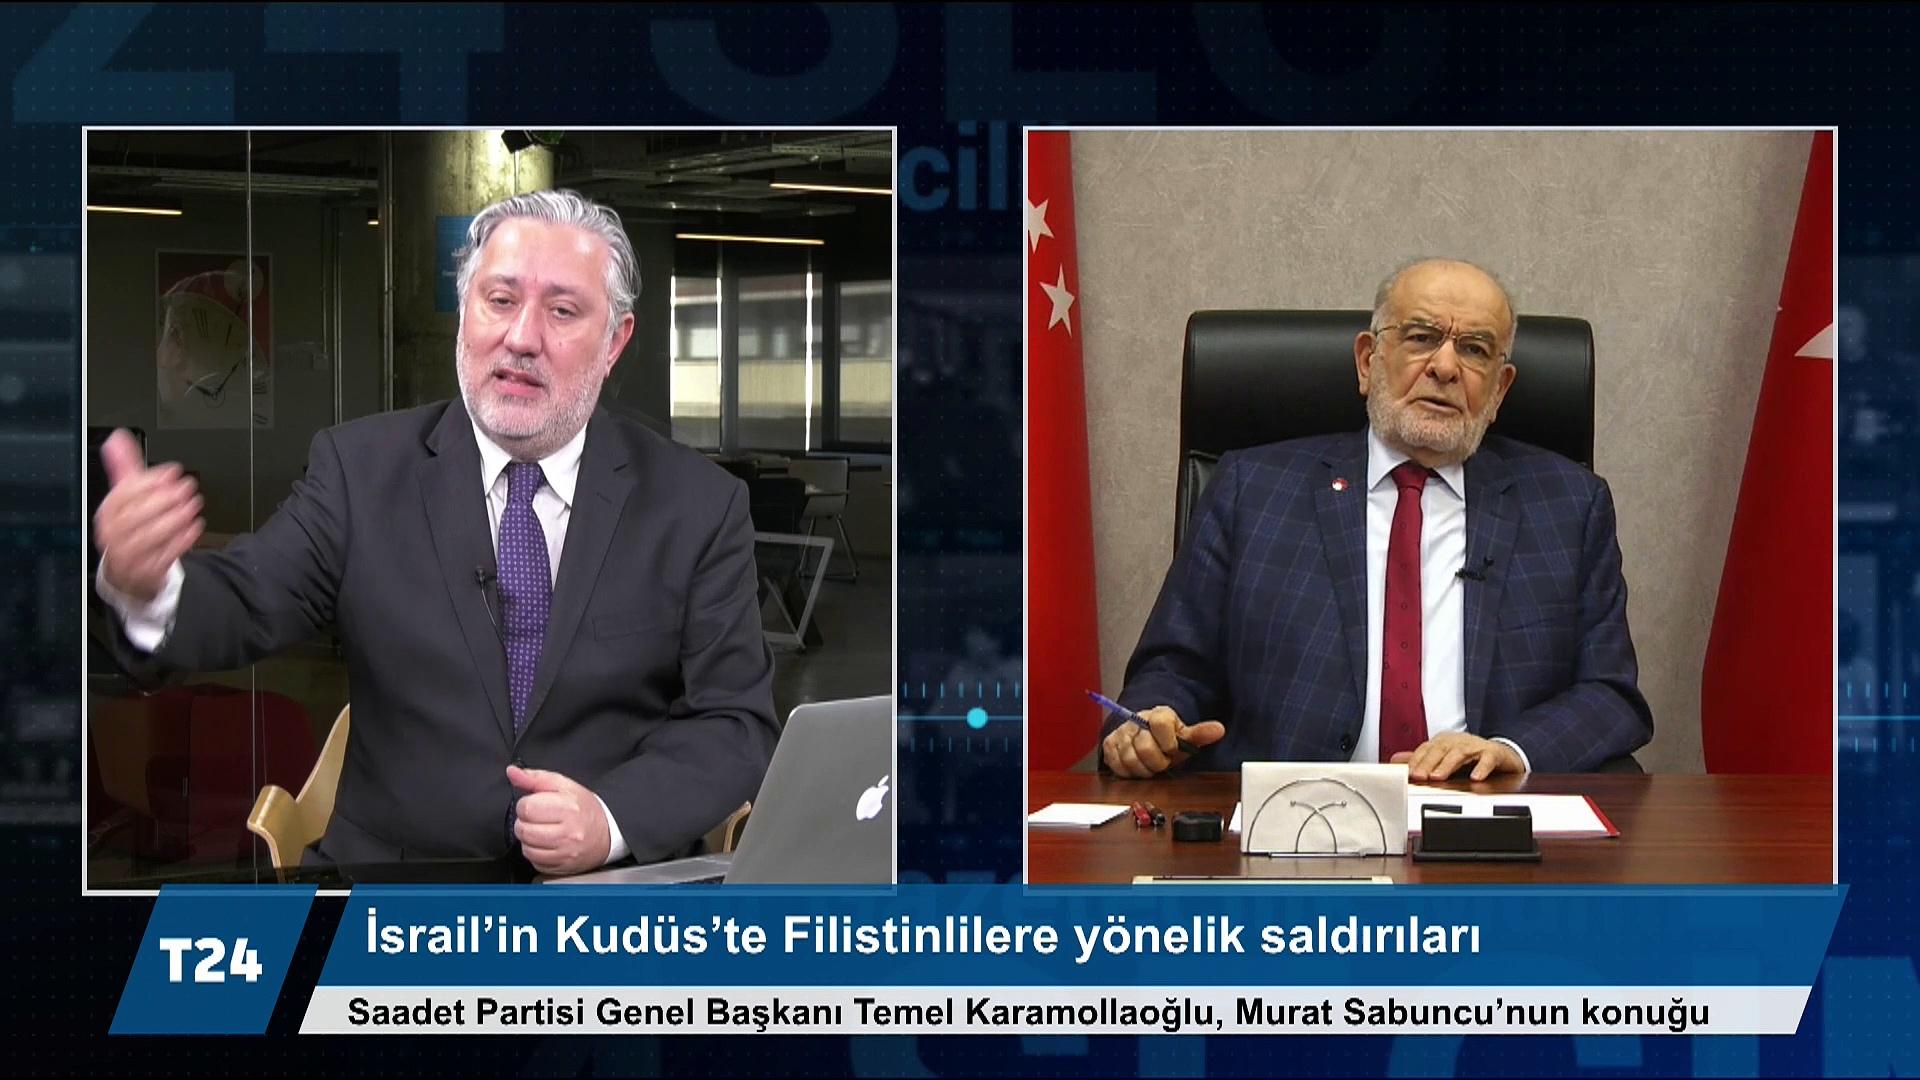 Saadet Partisi Genel Başkanı Karamollaoğlu: Türkiye'de, 'Müslümanlık buysa ben Müslüman değilim' diyen insanlar ortaya çıkmaya başladı